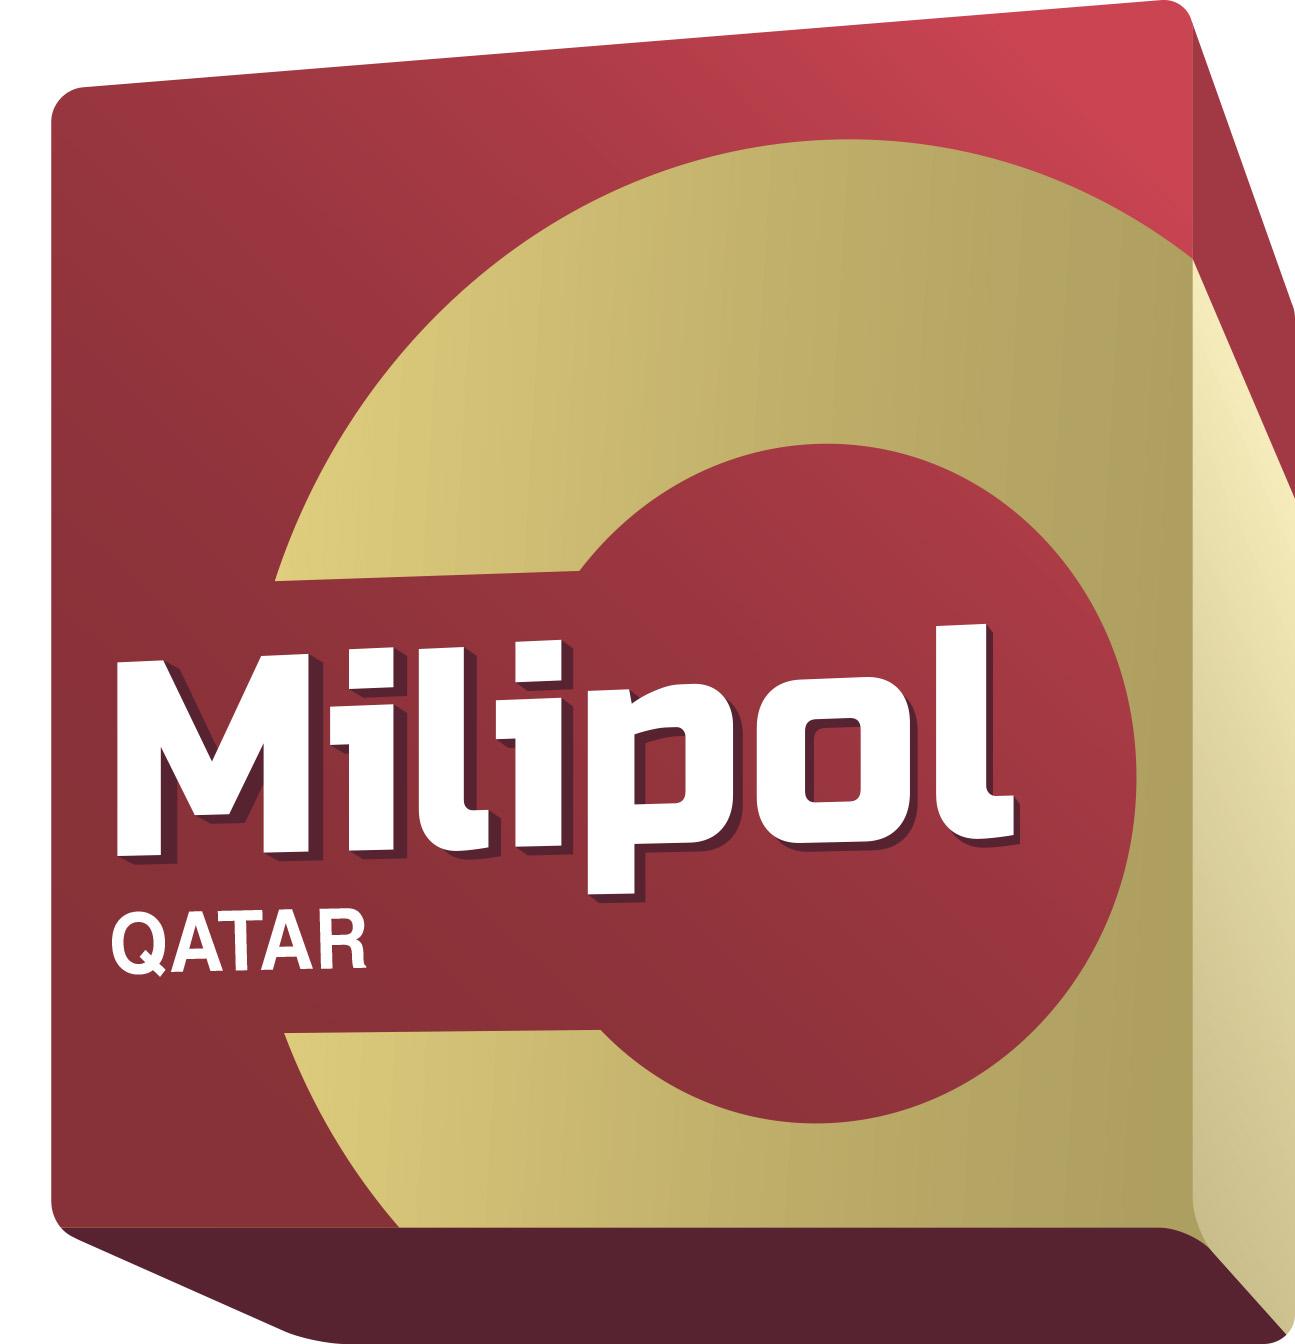 Logo Milipol Qatar blanc 2020 simple